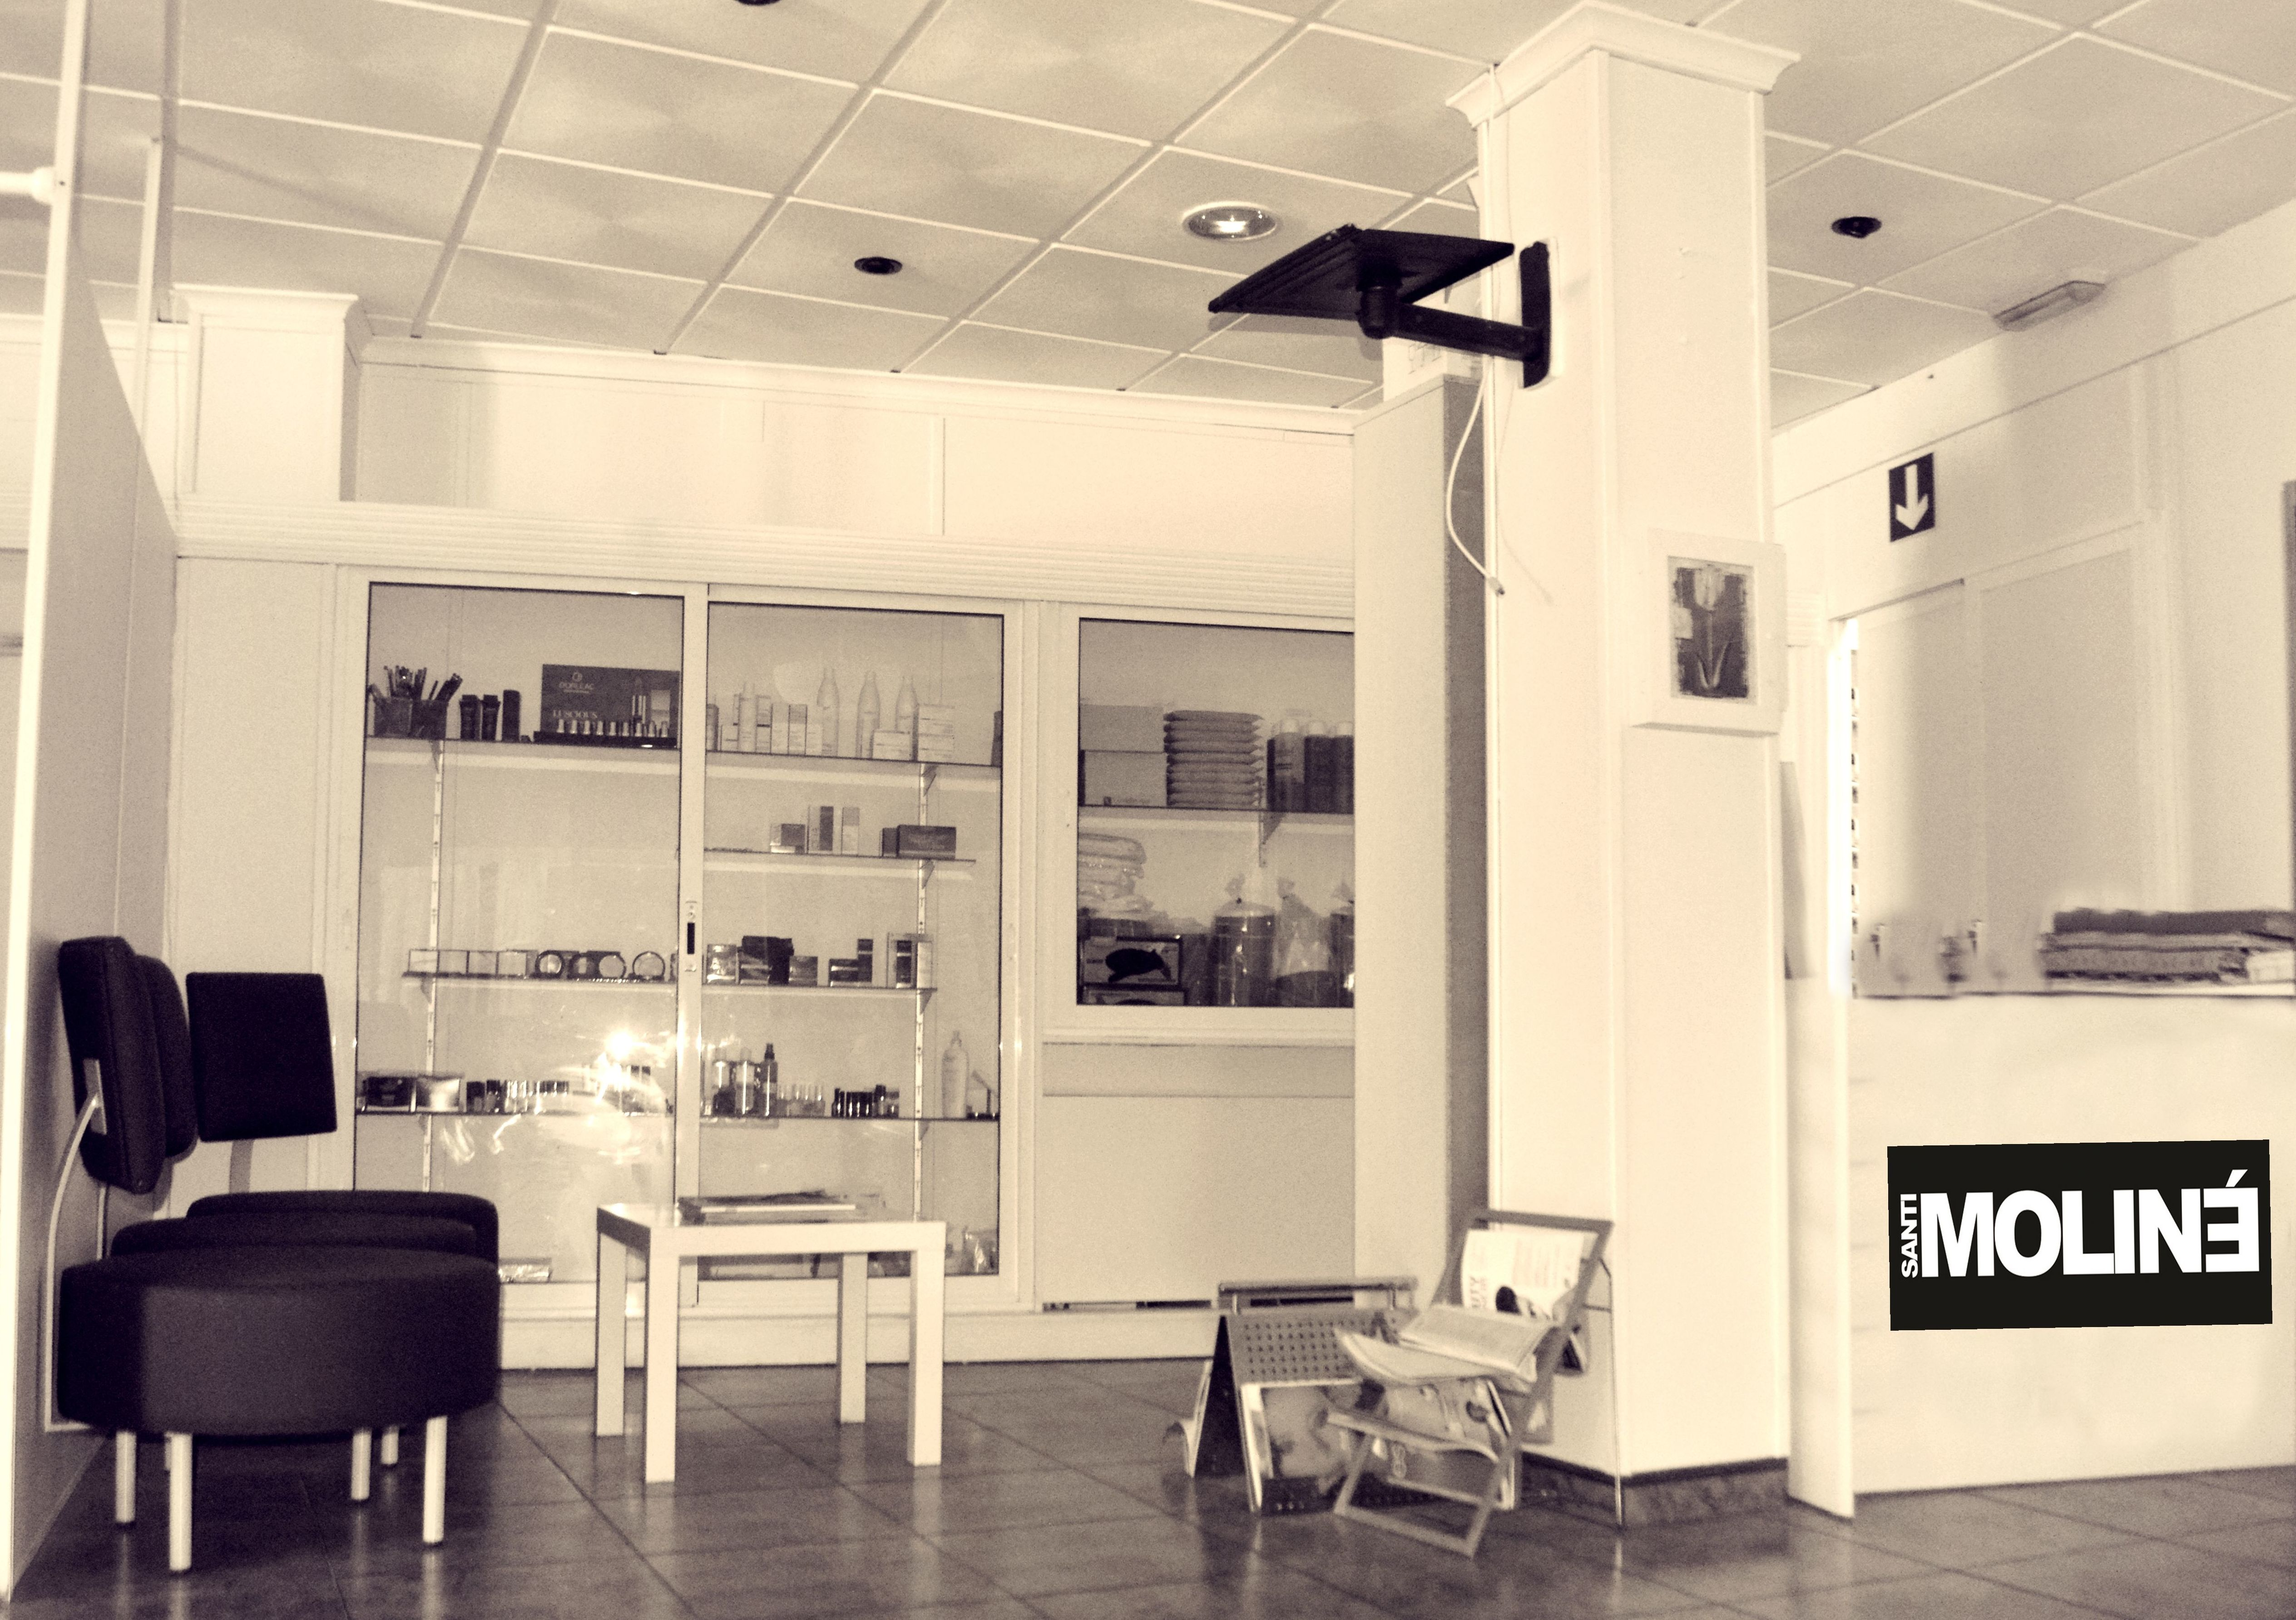 Foto 2 de Academia de peluquería y estética en Albacete | Centro de Formación de Peluquería y Estética Virgen de los Llanos Moliné